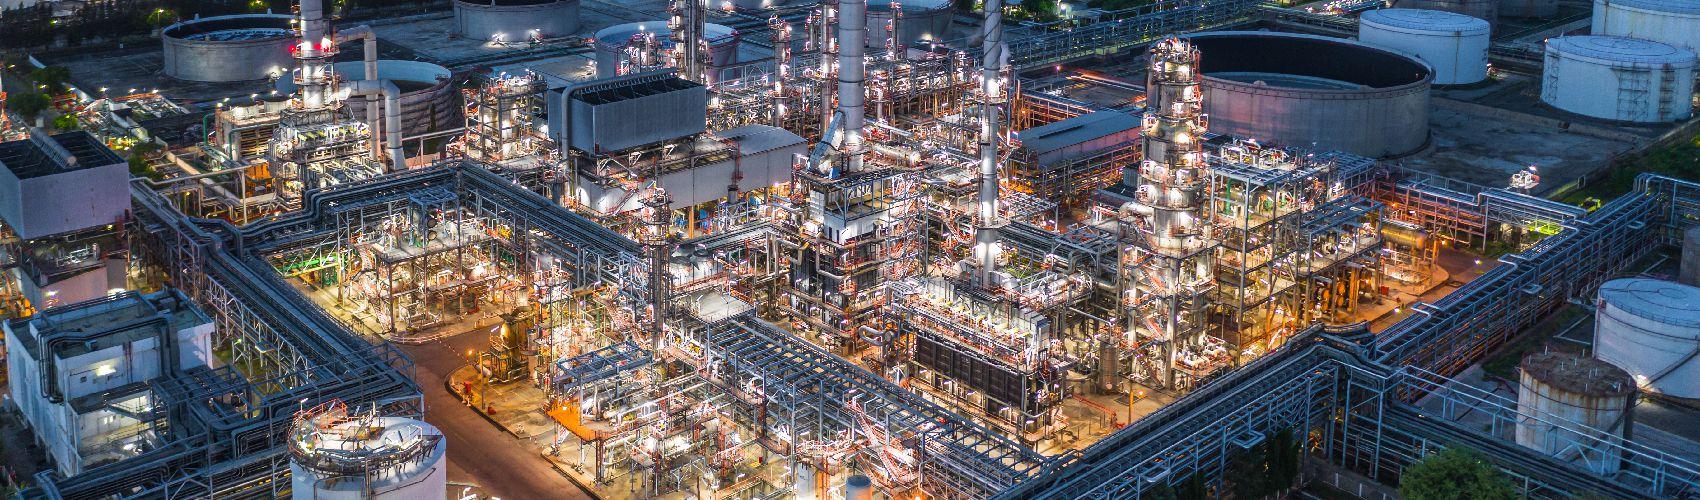 สถาบันพลังงานเพื่ออุตสาหกรรม ภาพแบนเนอร์ที่ 4